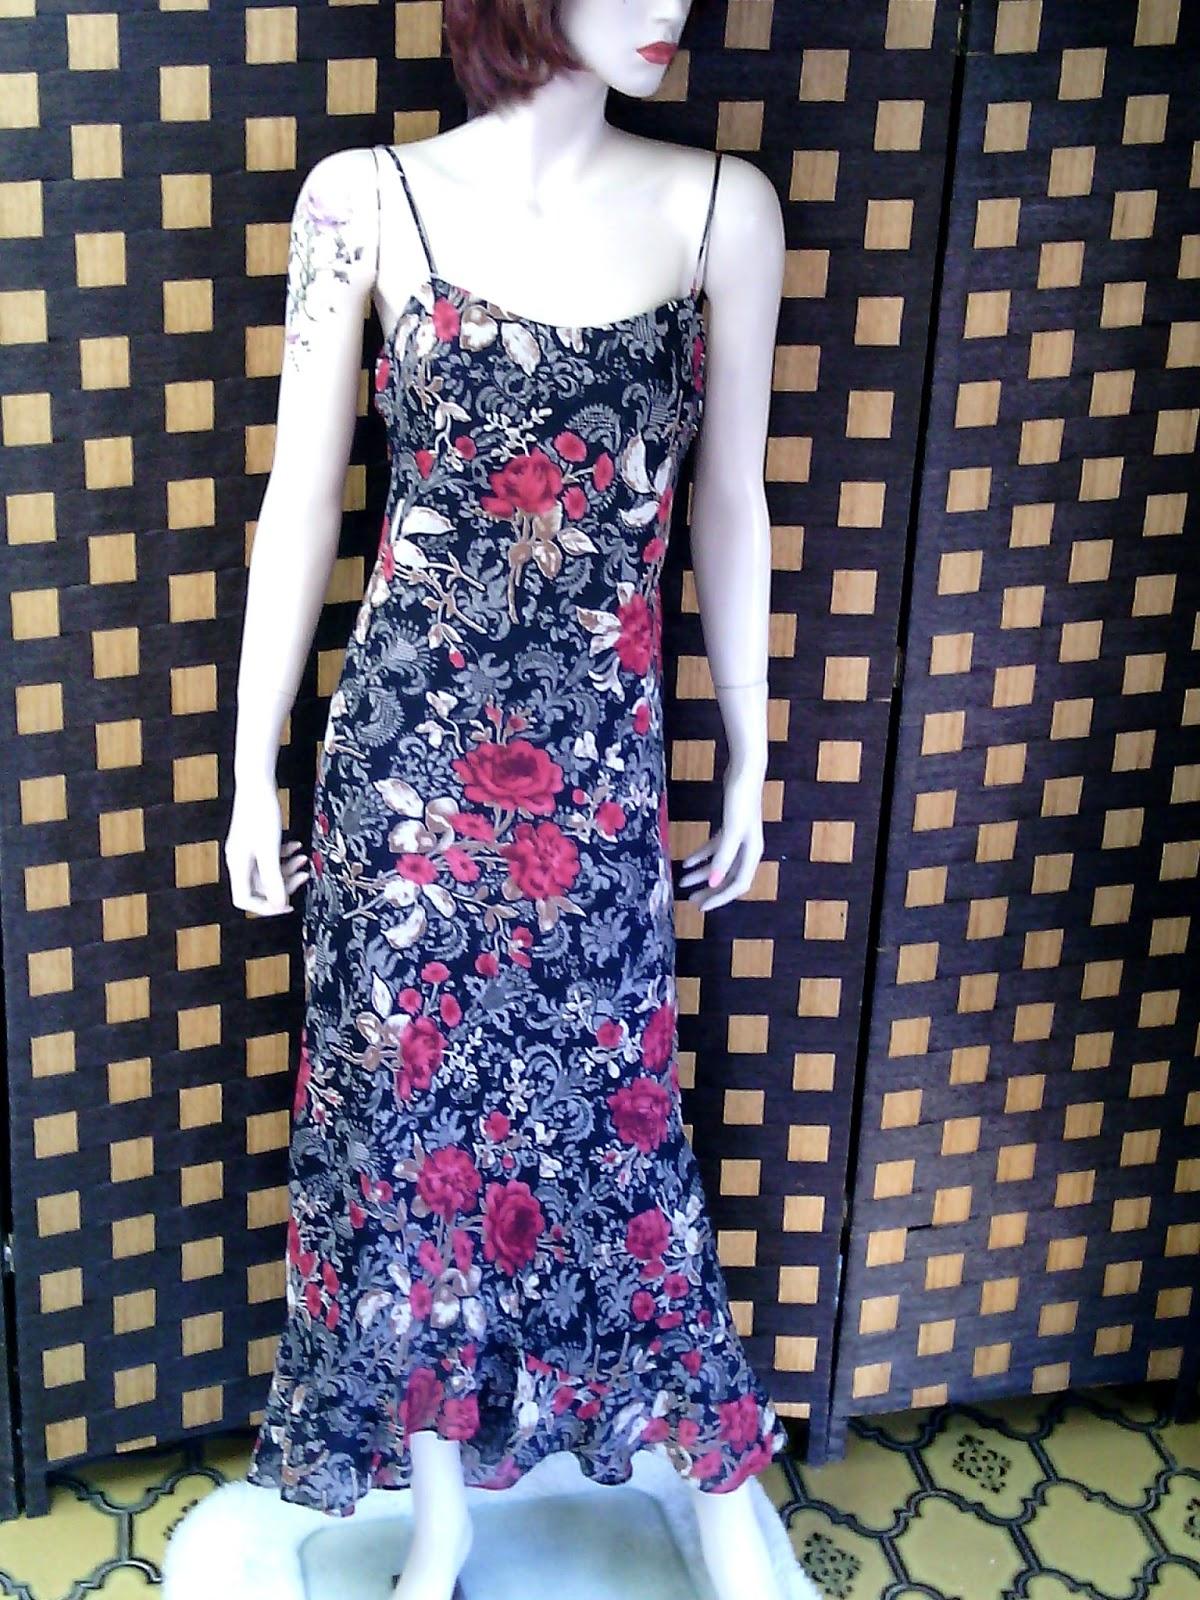 Tiendamatador: Vestido de fiesta estampado de flores